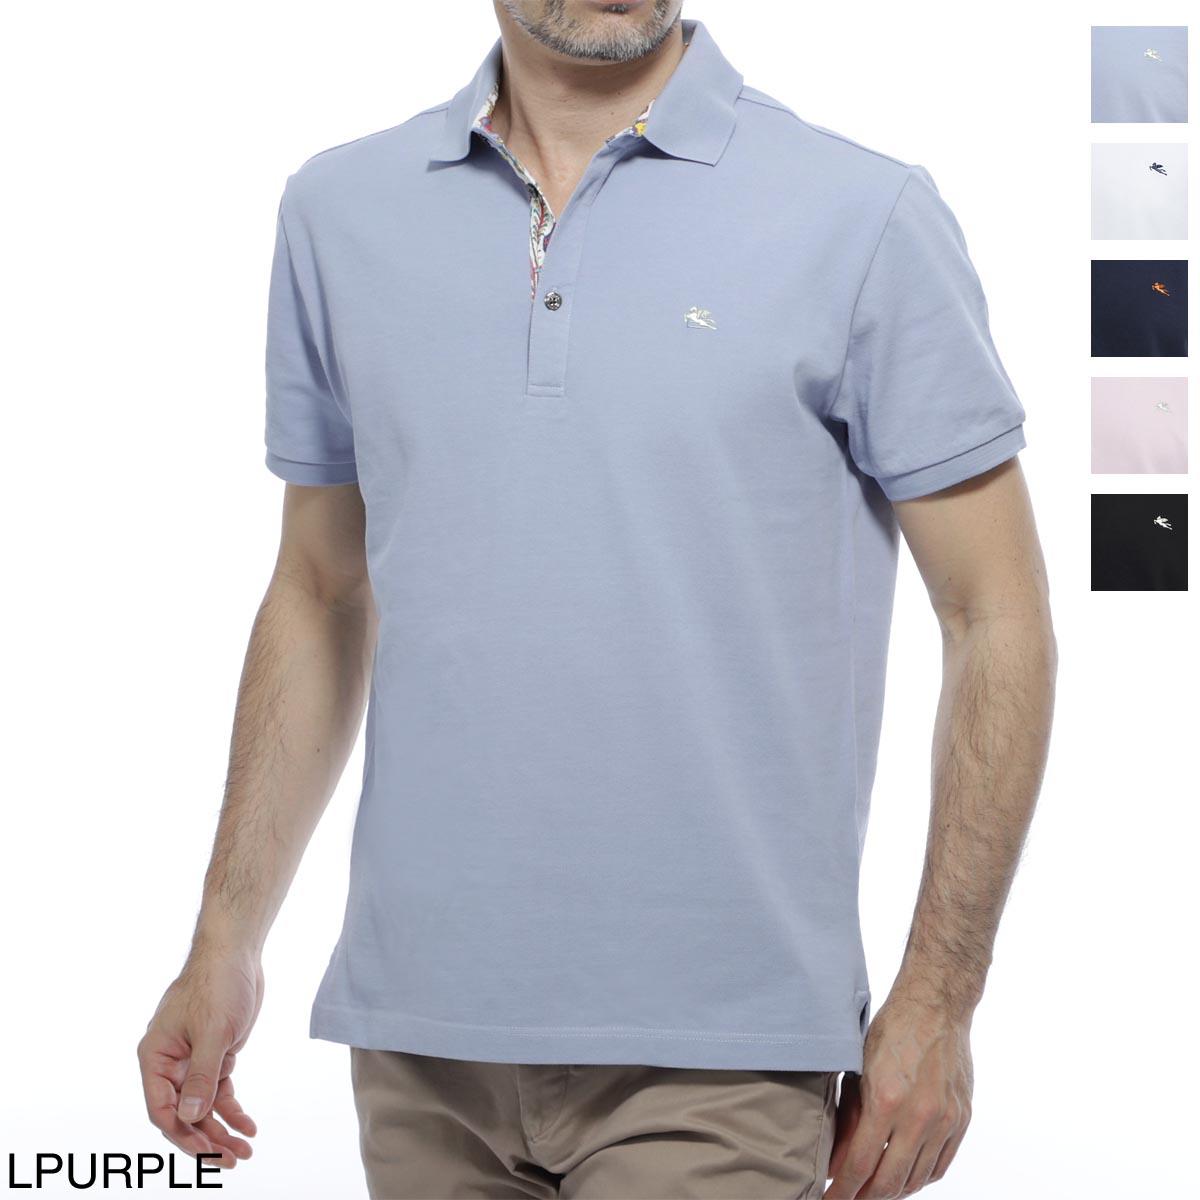 エトロ ETRO ポロシャツ メンズ コットン 綿 半袖 1y142 9240 252 REGULAR FIT【あす楽対応_関東】【返品送料無料】【ラッピング無料】